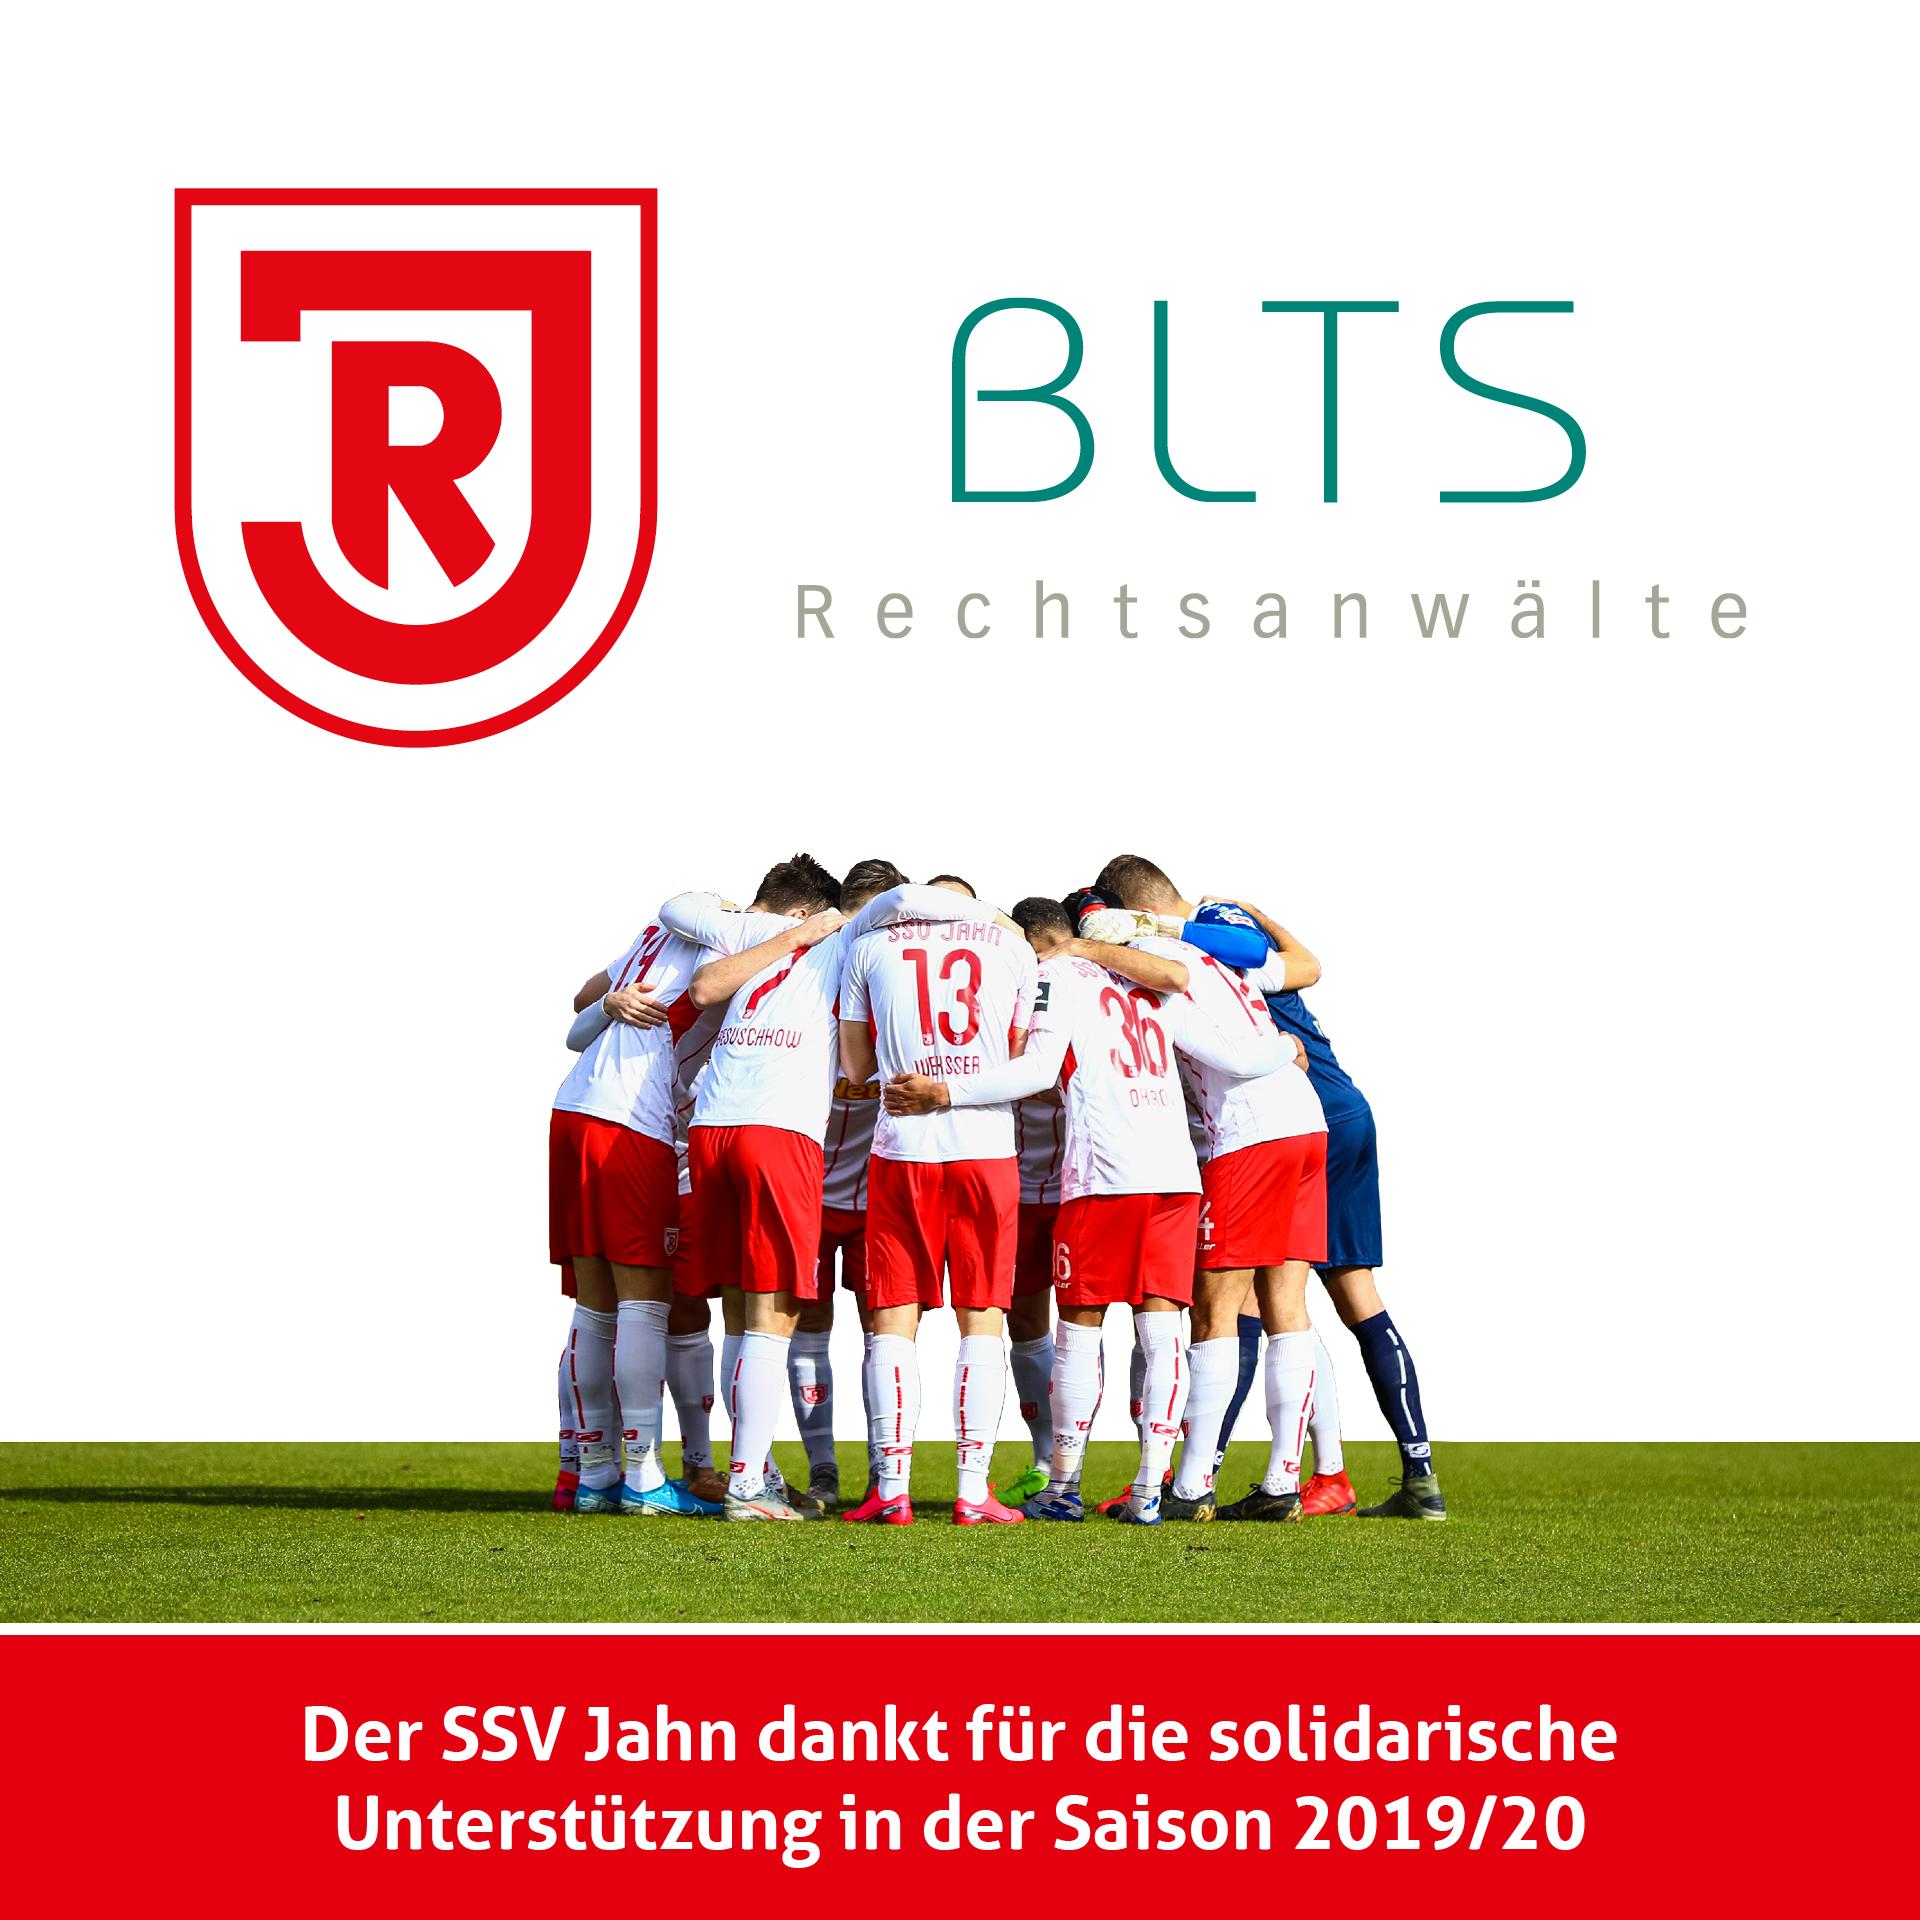 BLTS unterstützt den Jahn